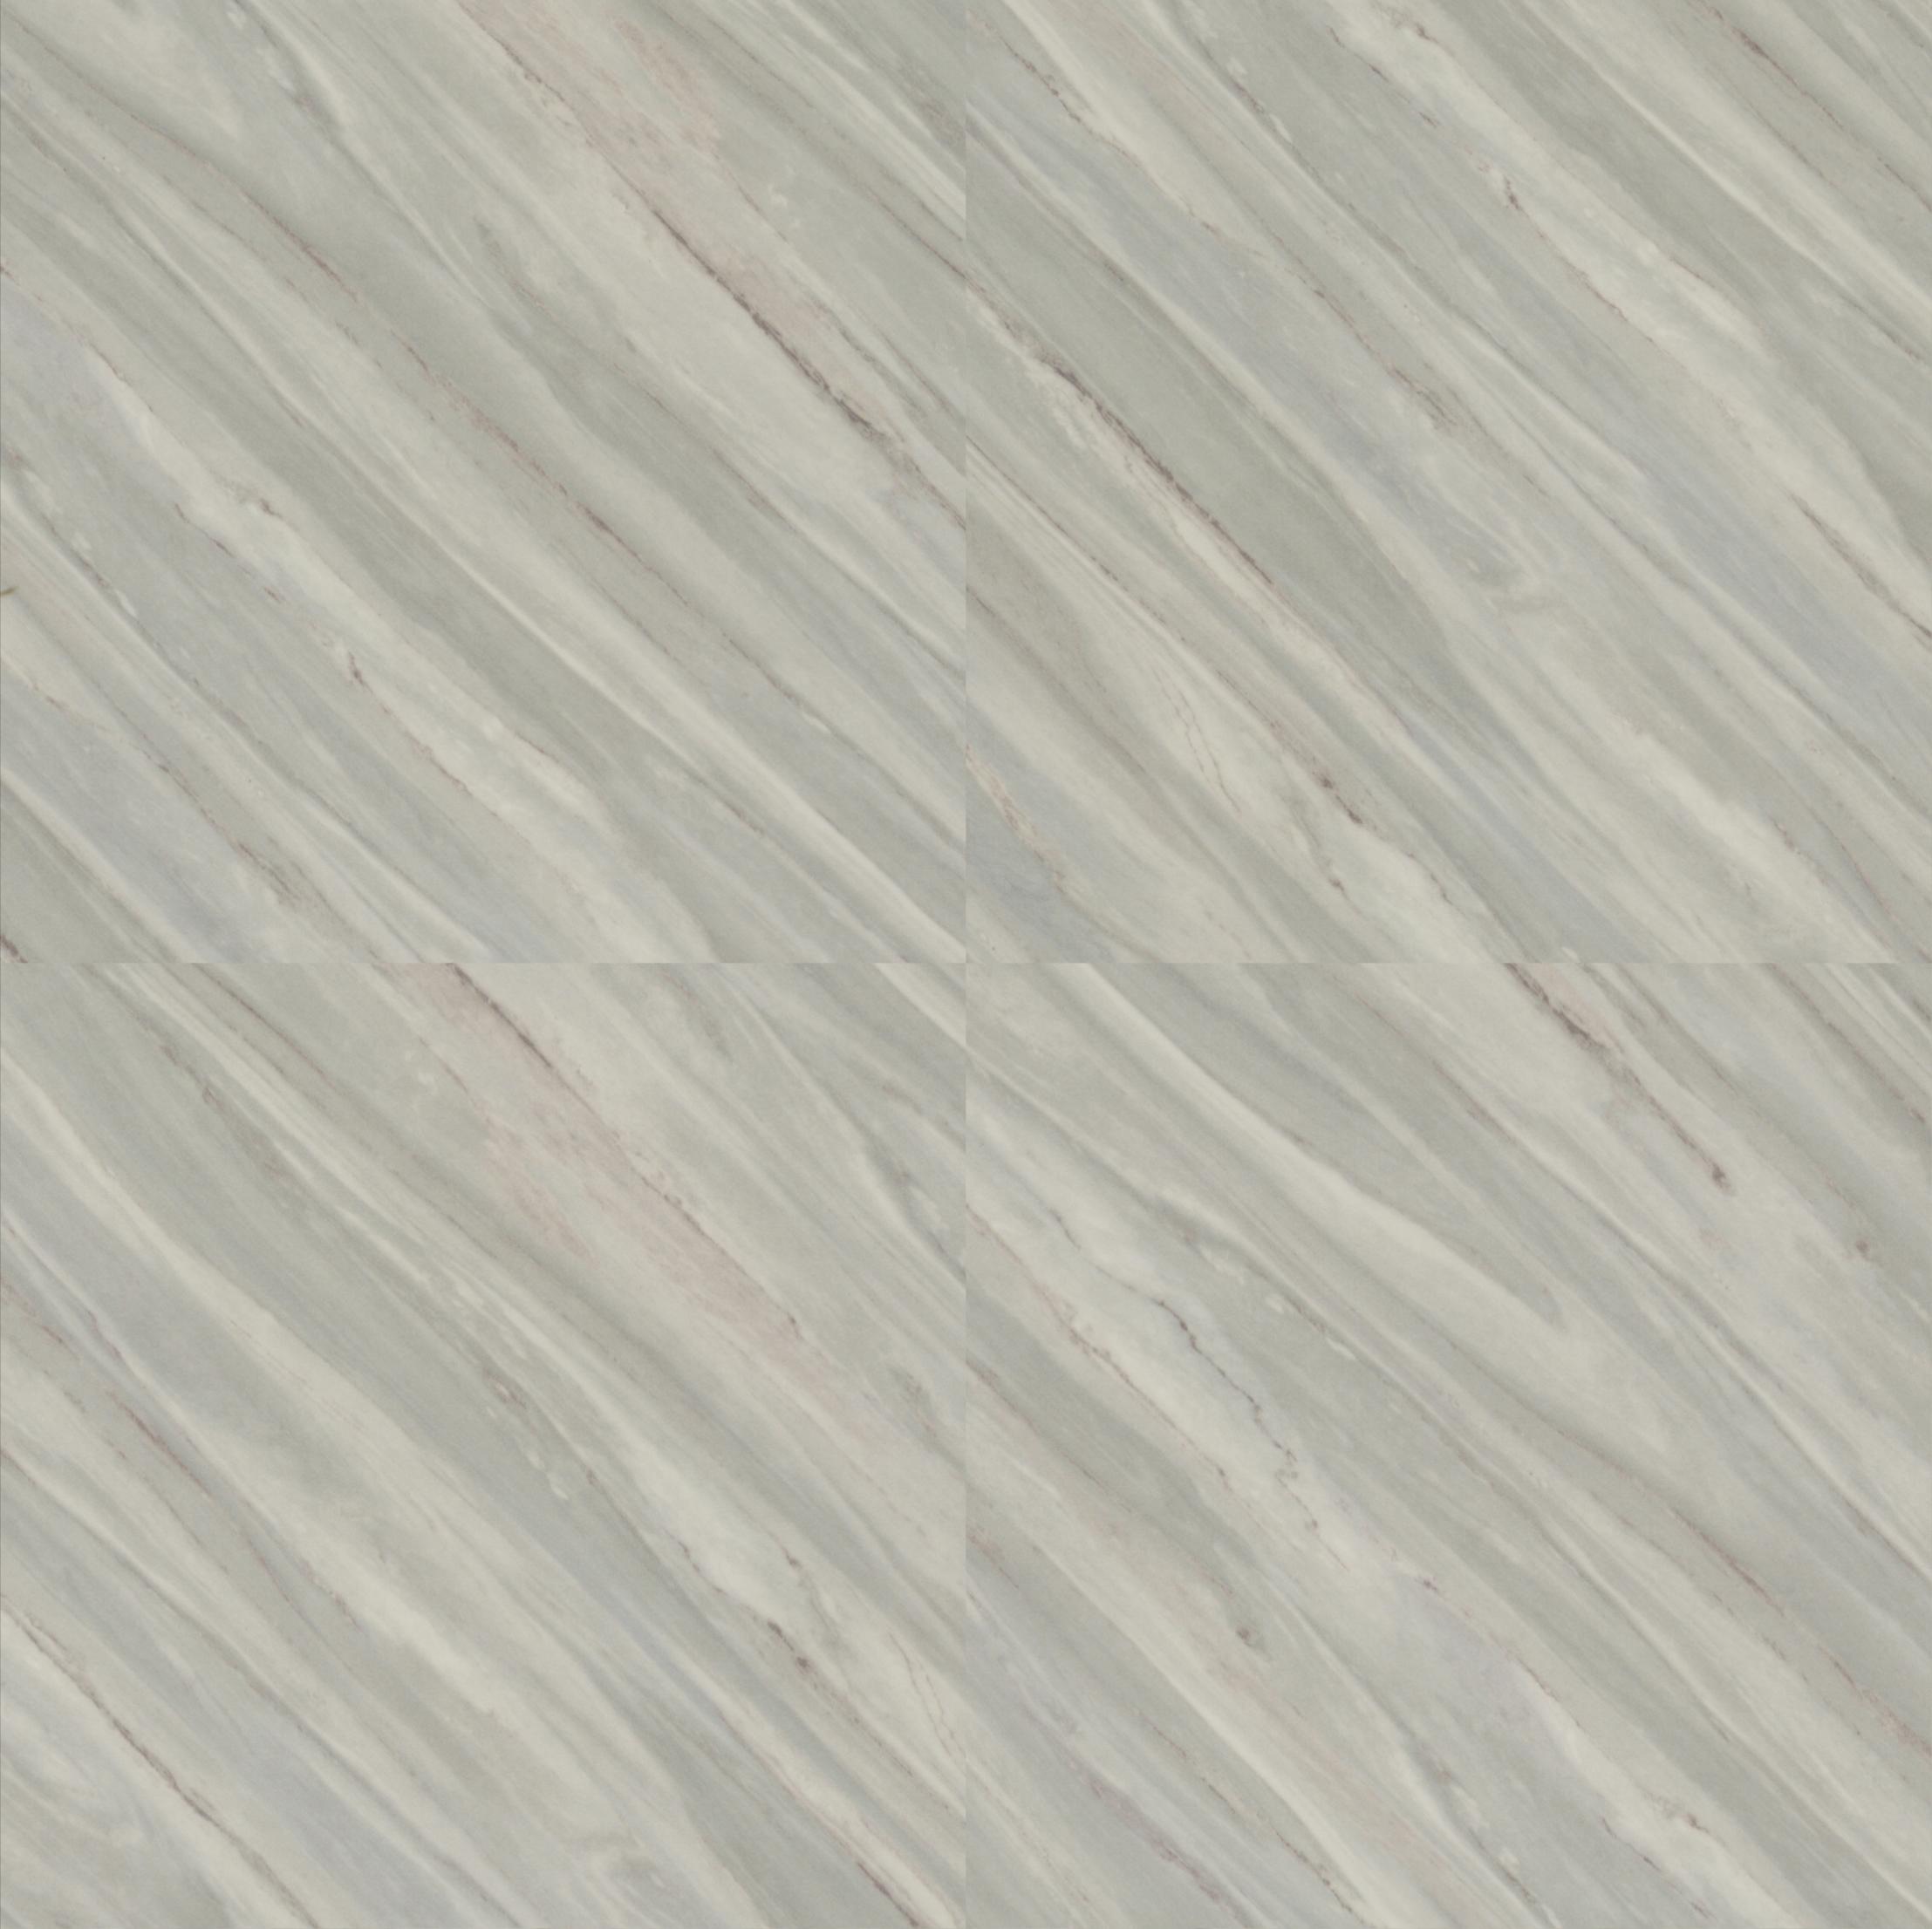 Allura_Stone_-s62584_oblique_marble